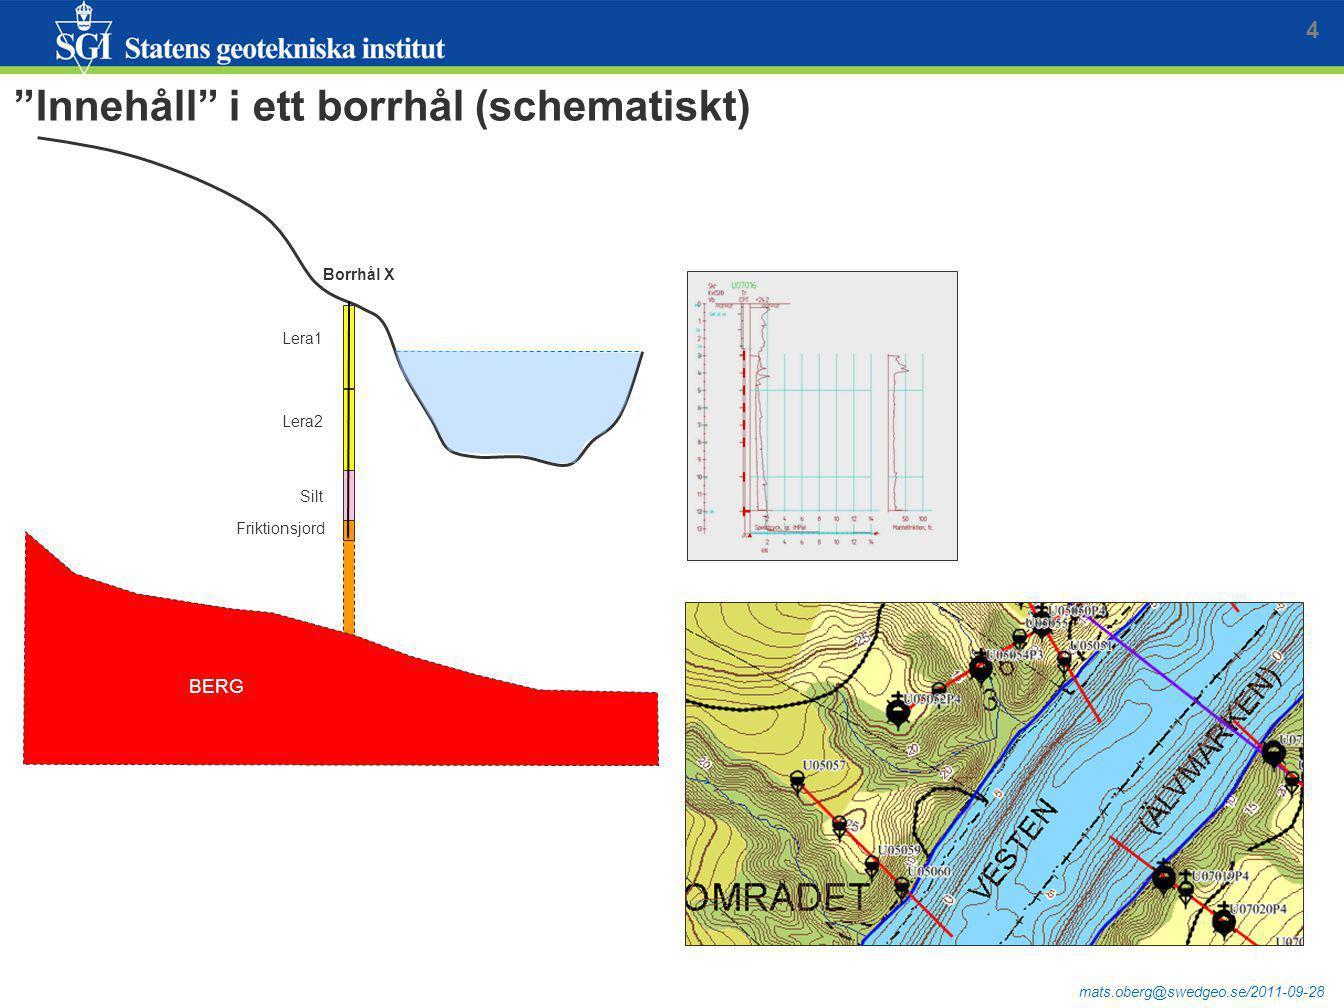 """mats.oberg@swedgeo.se/2011-09-28 4 """"Innehåll"""" i ett borrhål (schematiskt) Lera1 Friktionsjord BERG Lera2 Silt Borrhål X"""